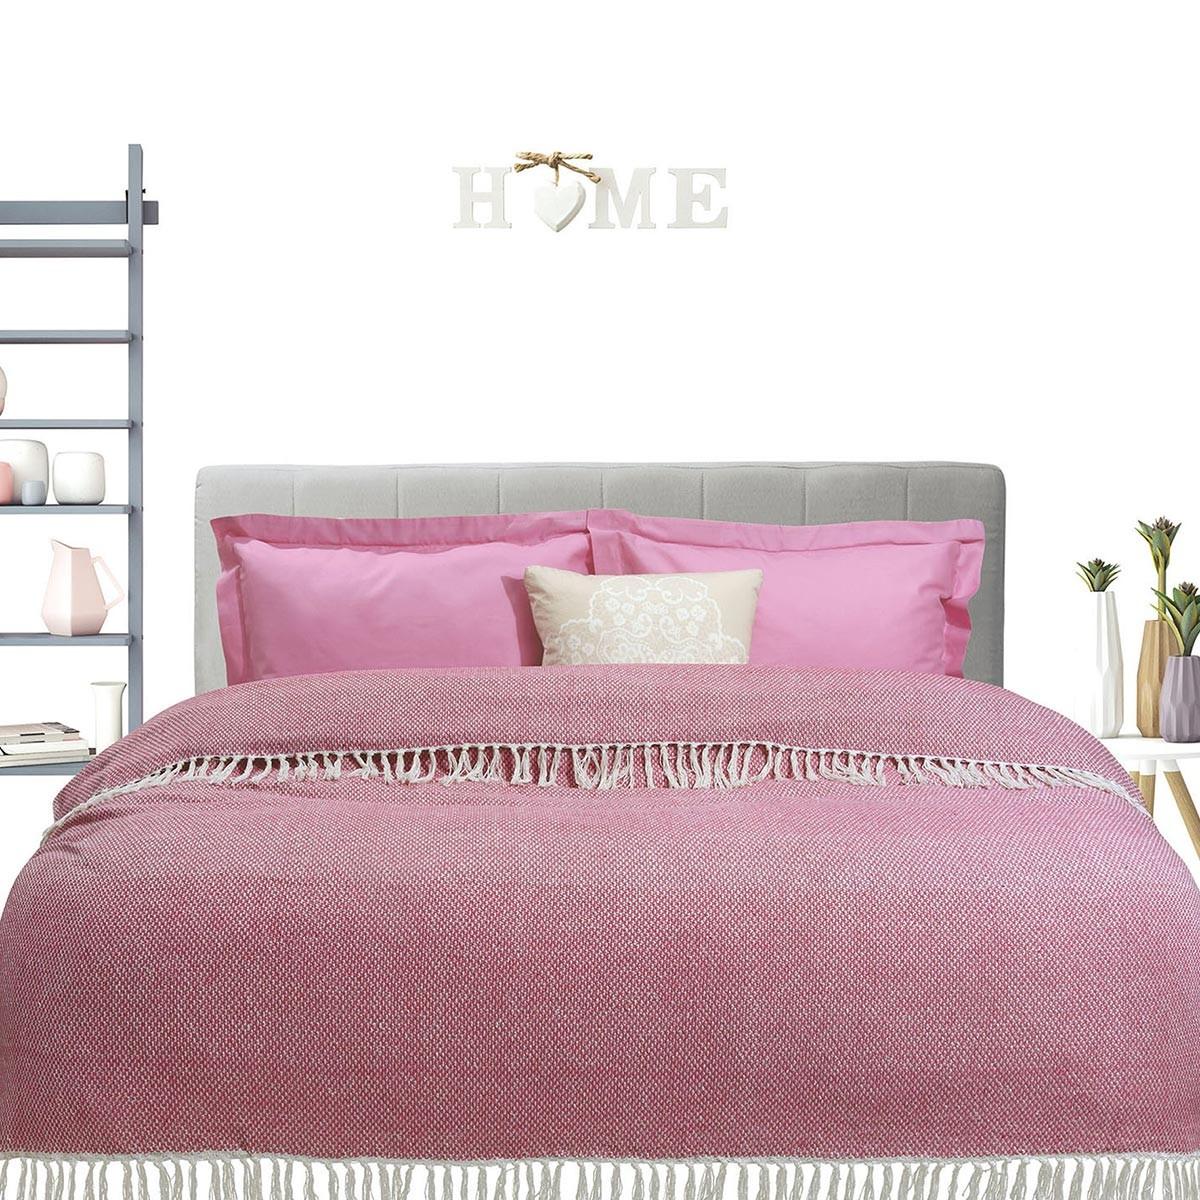 Κουβερτόριο Υπέρδιπλο Das Home Blanket Line Jacquard 387 home   κρεβατοκάμαρα   κουβέρτες   κουβέρτες καλοκαιρινές υπέρδιπλες